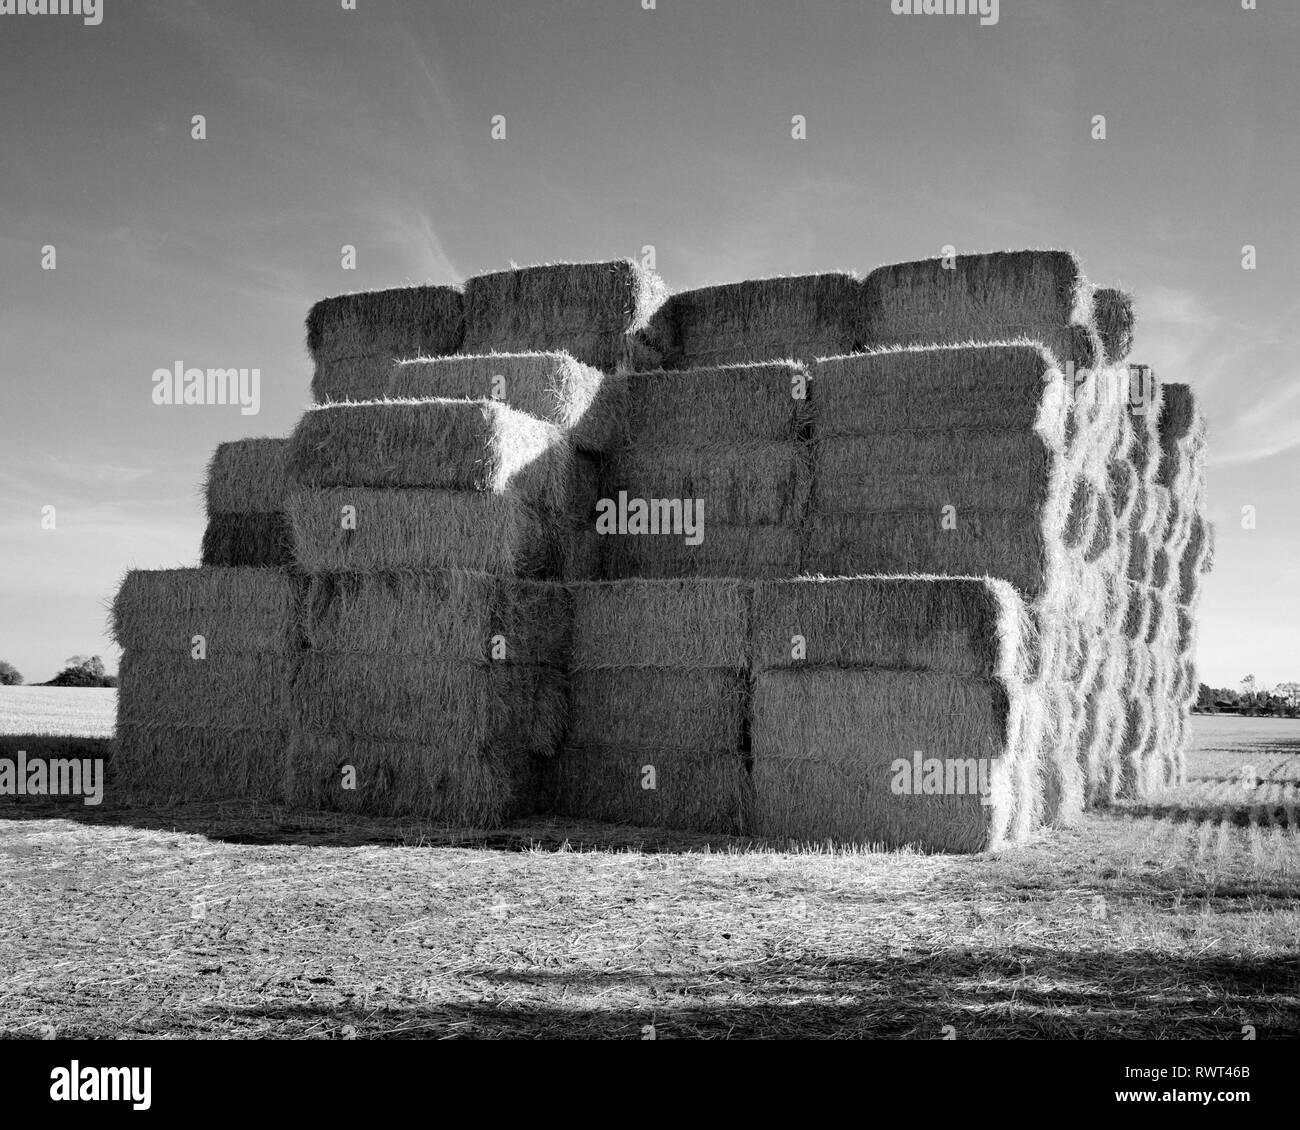 Lop-sided strawstack near Gamlingay Cambridgeshire England - Stock Image